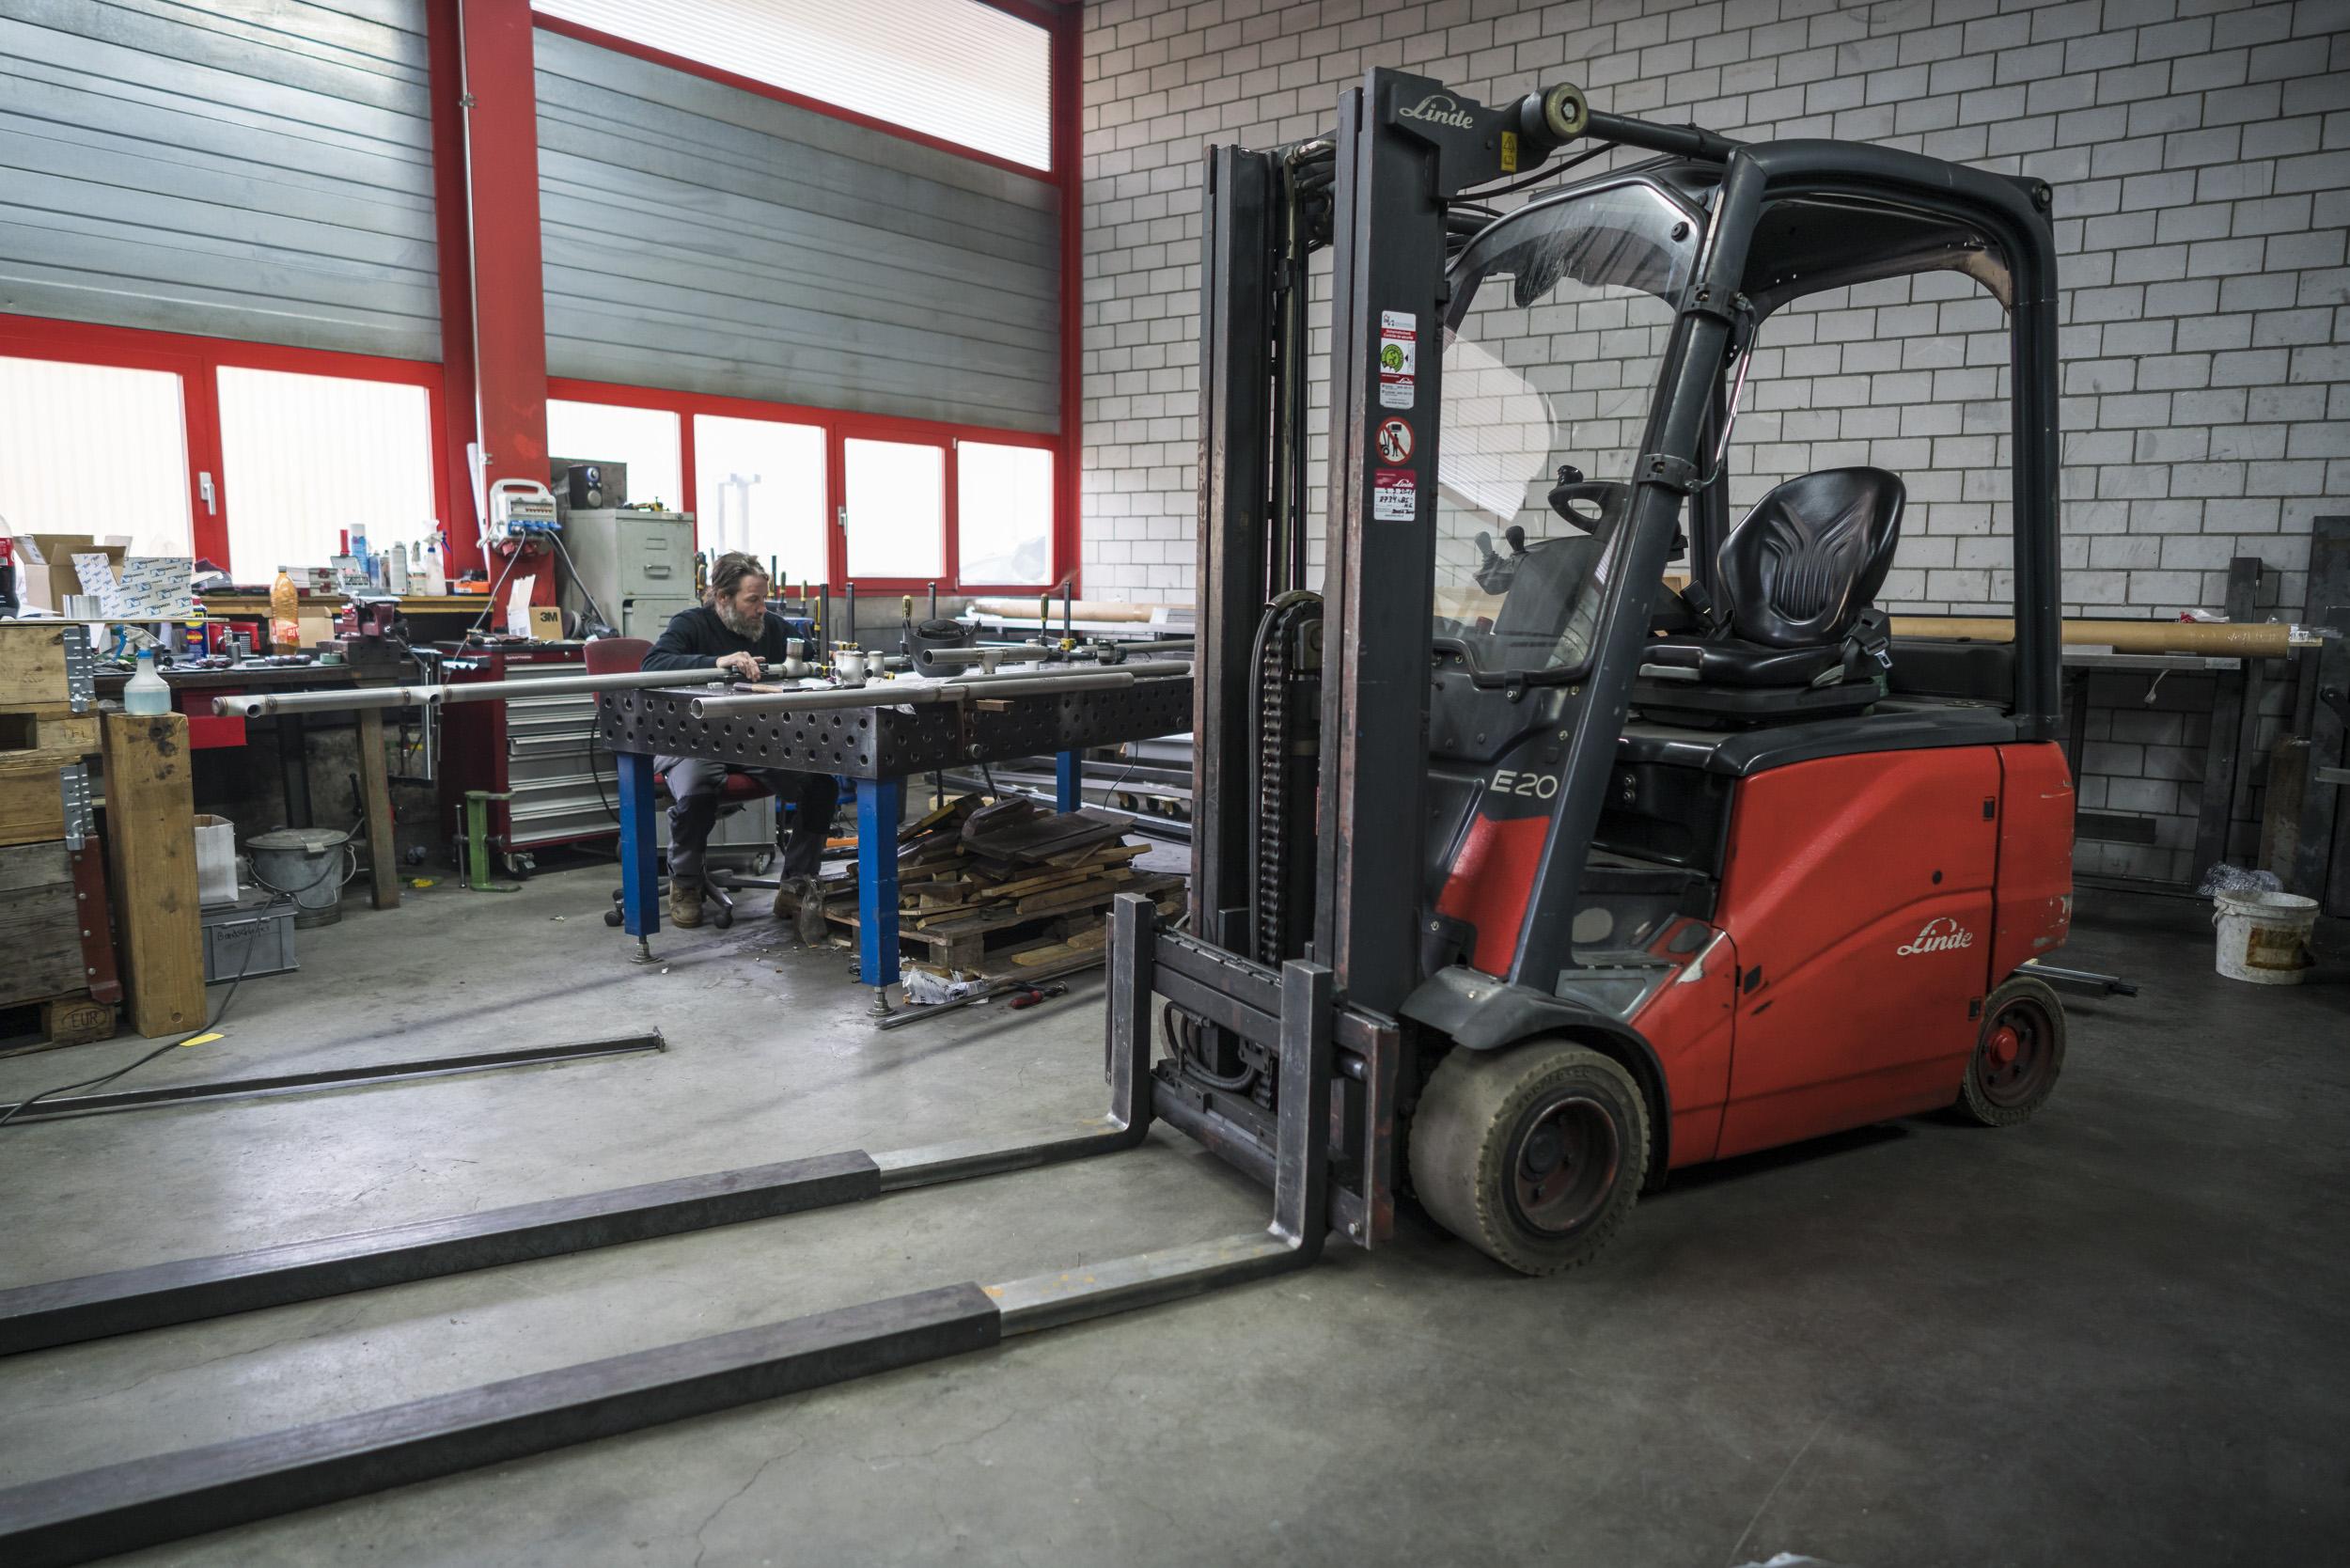 180206_keller-metallbau_A7R2-523.jpg